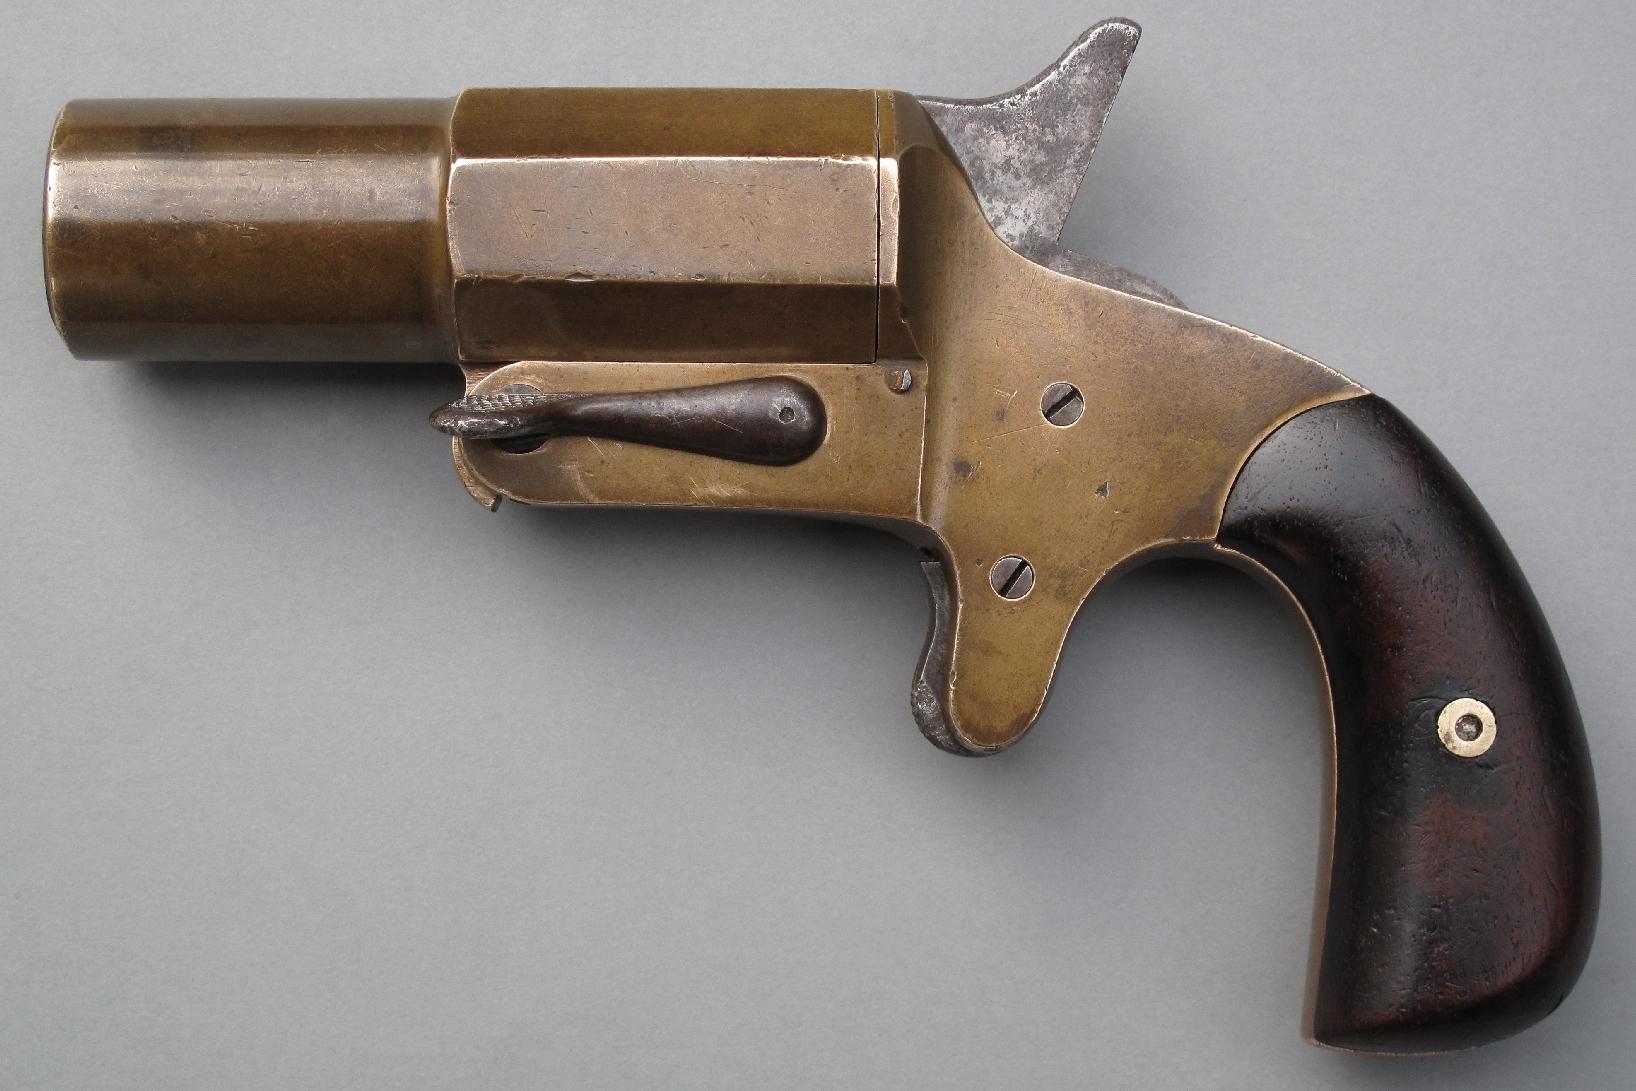 Le pistolet de signalisation de calibre 25 mm fabriqué par la maison parisienne Ruggieri est employé depuis le 1er juin 1891 par le service de télégraphie militaire.